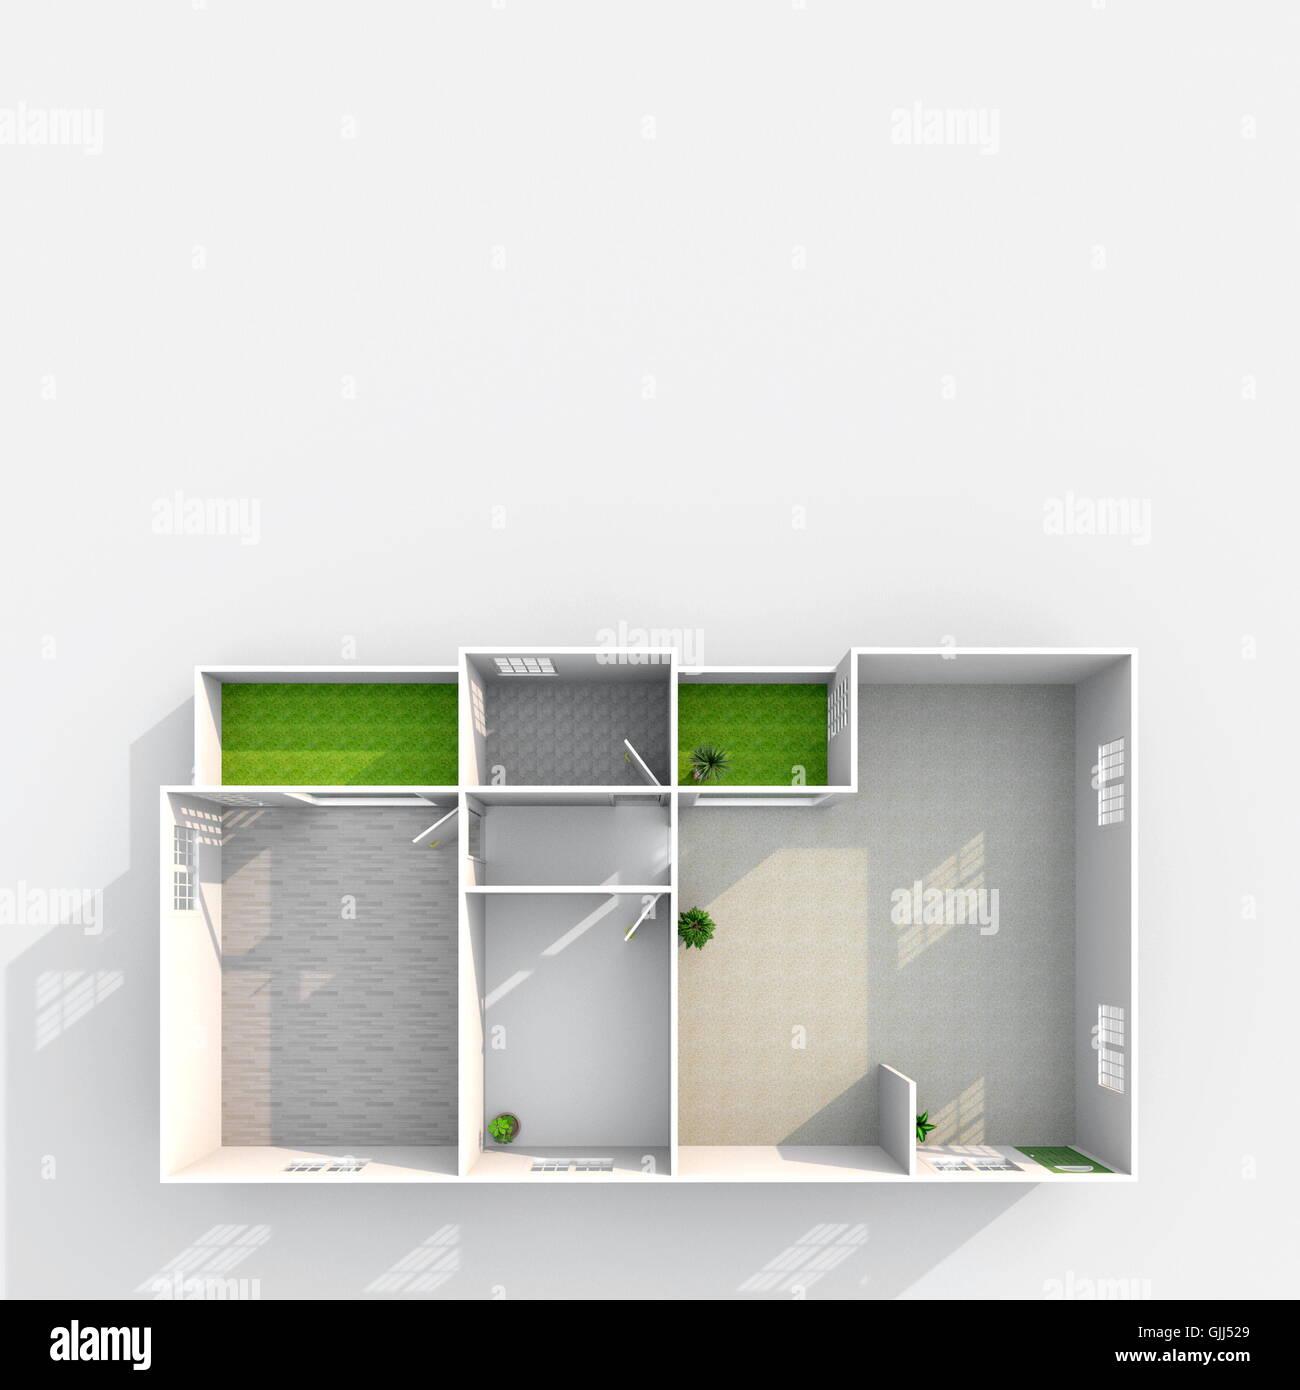 Piante Da Appartamento 3d.3d Interni Rendering Vista In Pianta Del Vuoto Modello Di Carta